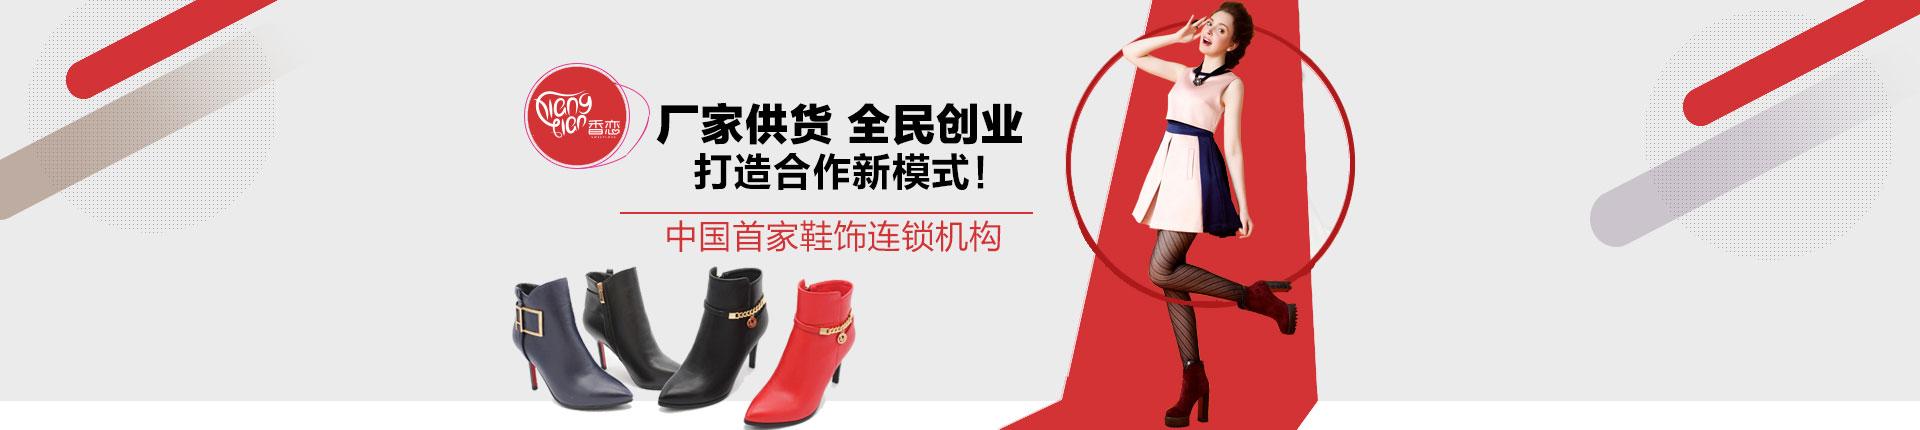 香恋女鞋官方网站